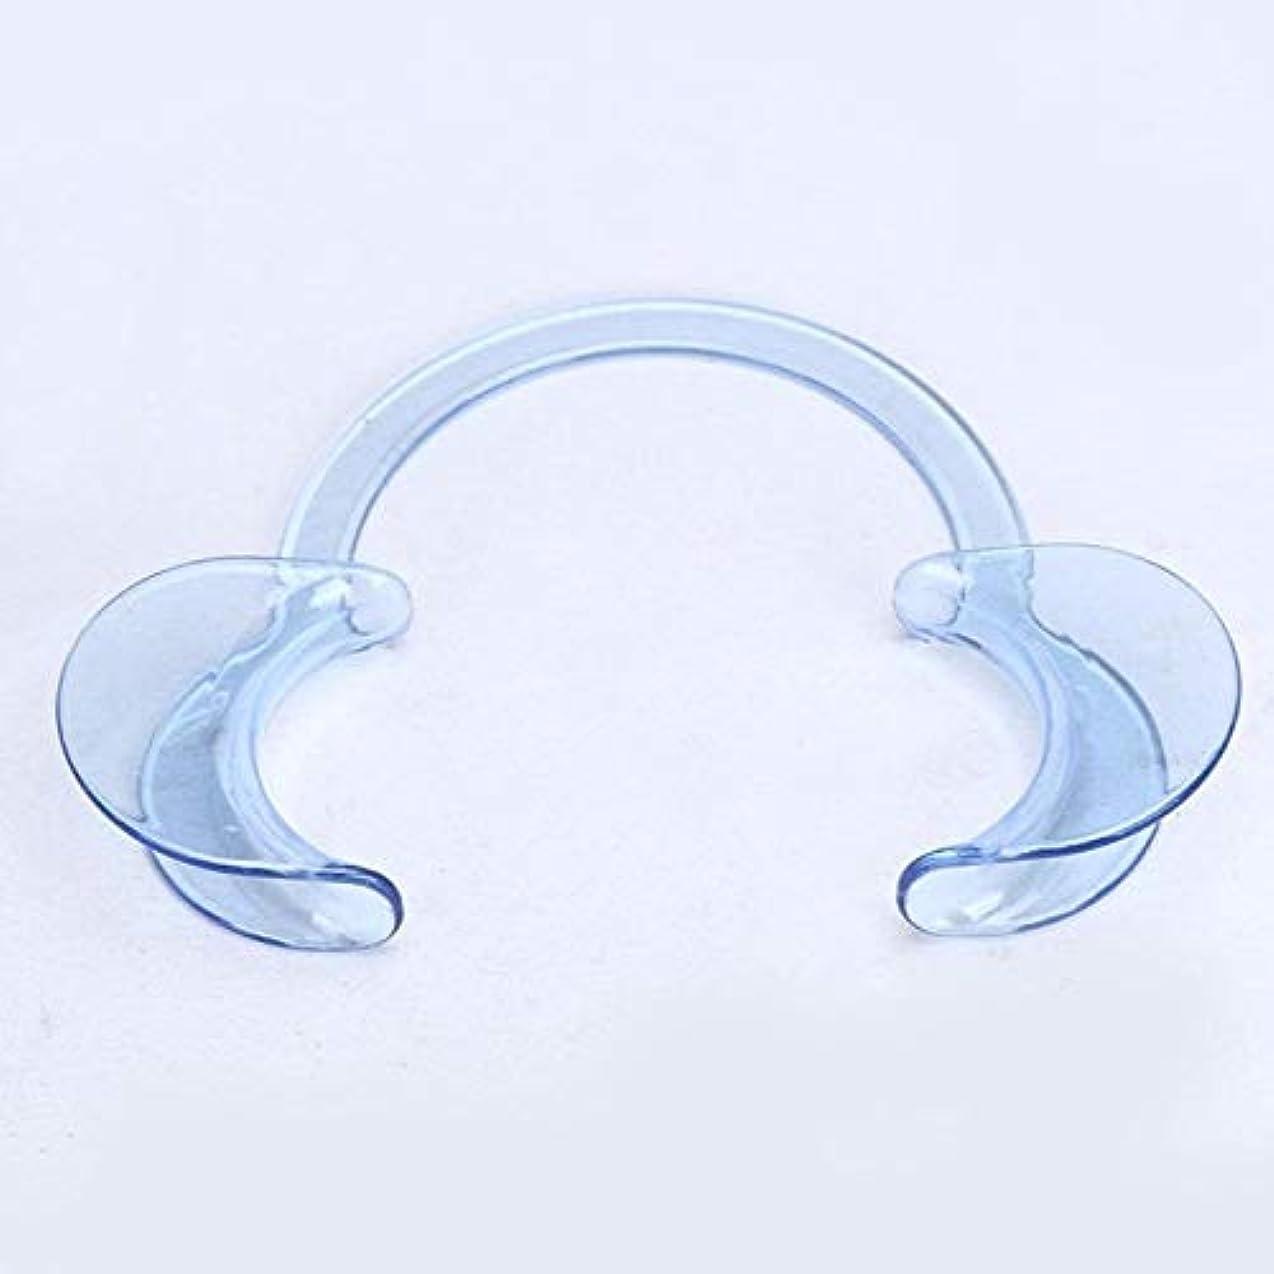 確立遷移しみDC パック 歯科 C型 開口器 口オープナー マウスオープナー 開口マウスオープナー C型ホワイトニング口の開創器